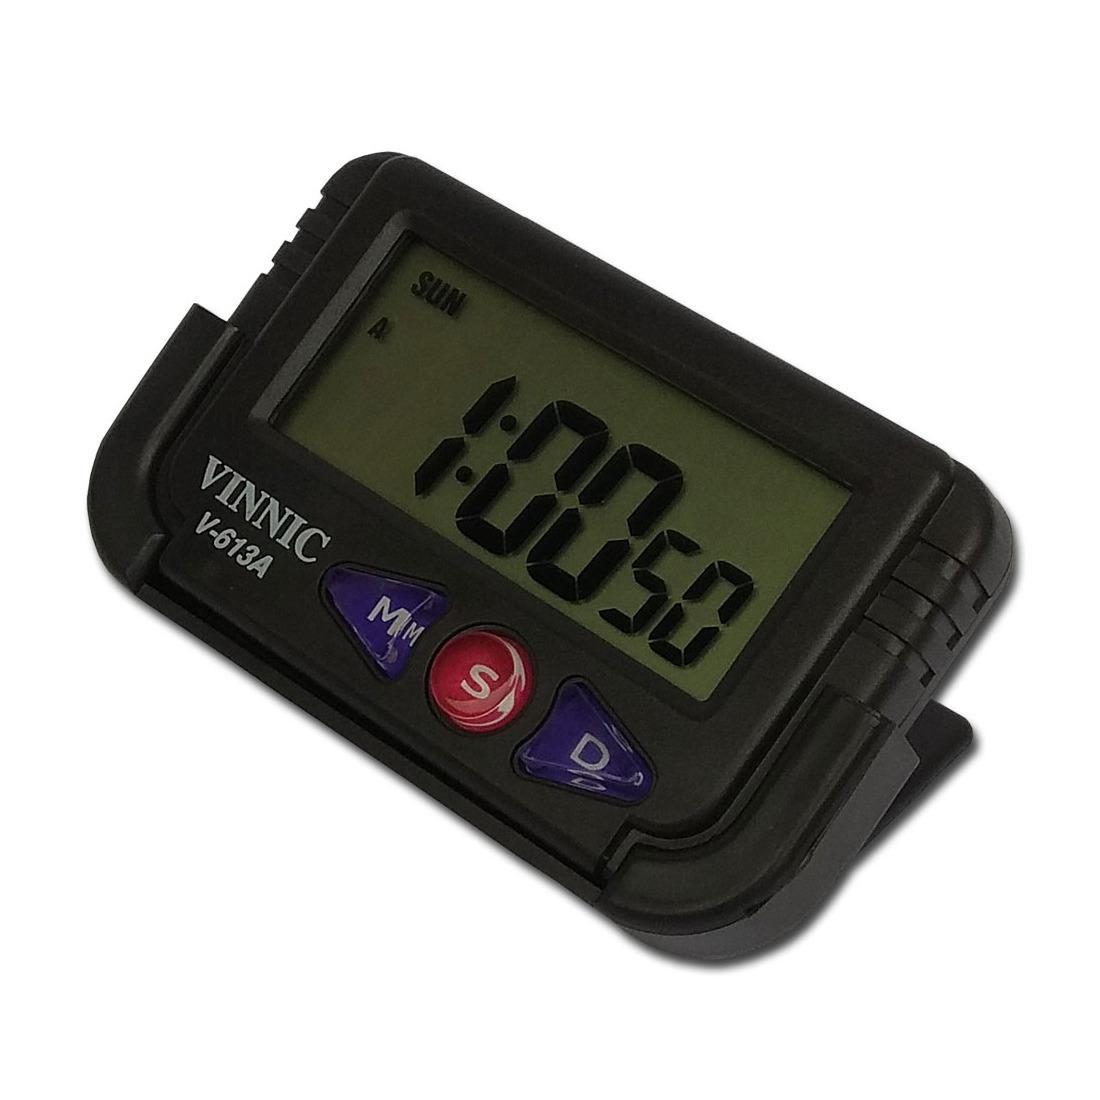 Kalkulator Ilmiah Presicalc Pr135 Daftar Harga Penjualan Terbaik Kasir Warung Toko Pr3000 Rp24000jam Mobil Digital Alarm Vinnic 613a 31 Off